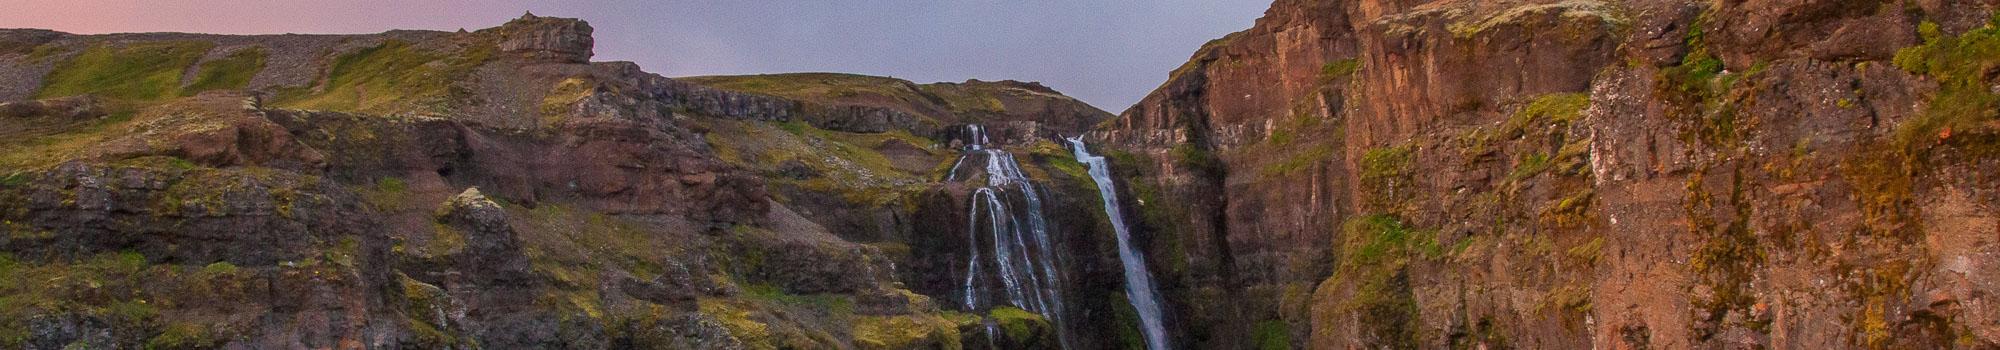 Glymur Waterfall in Hvalfjordur